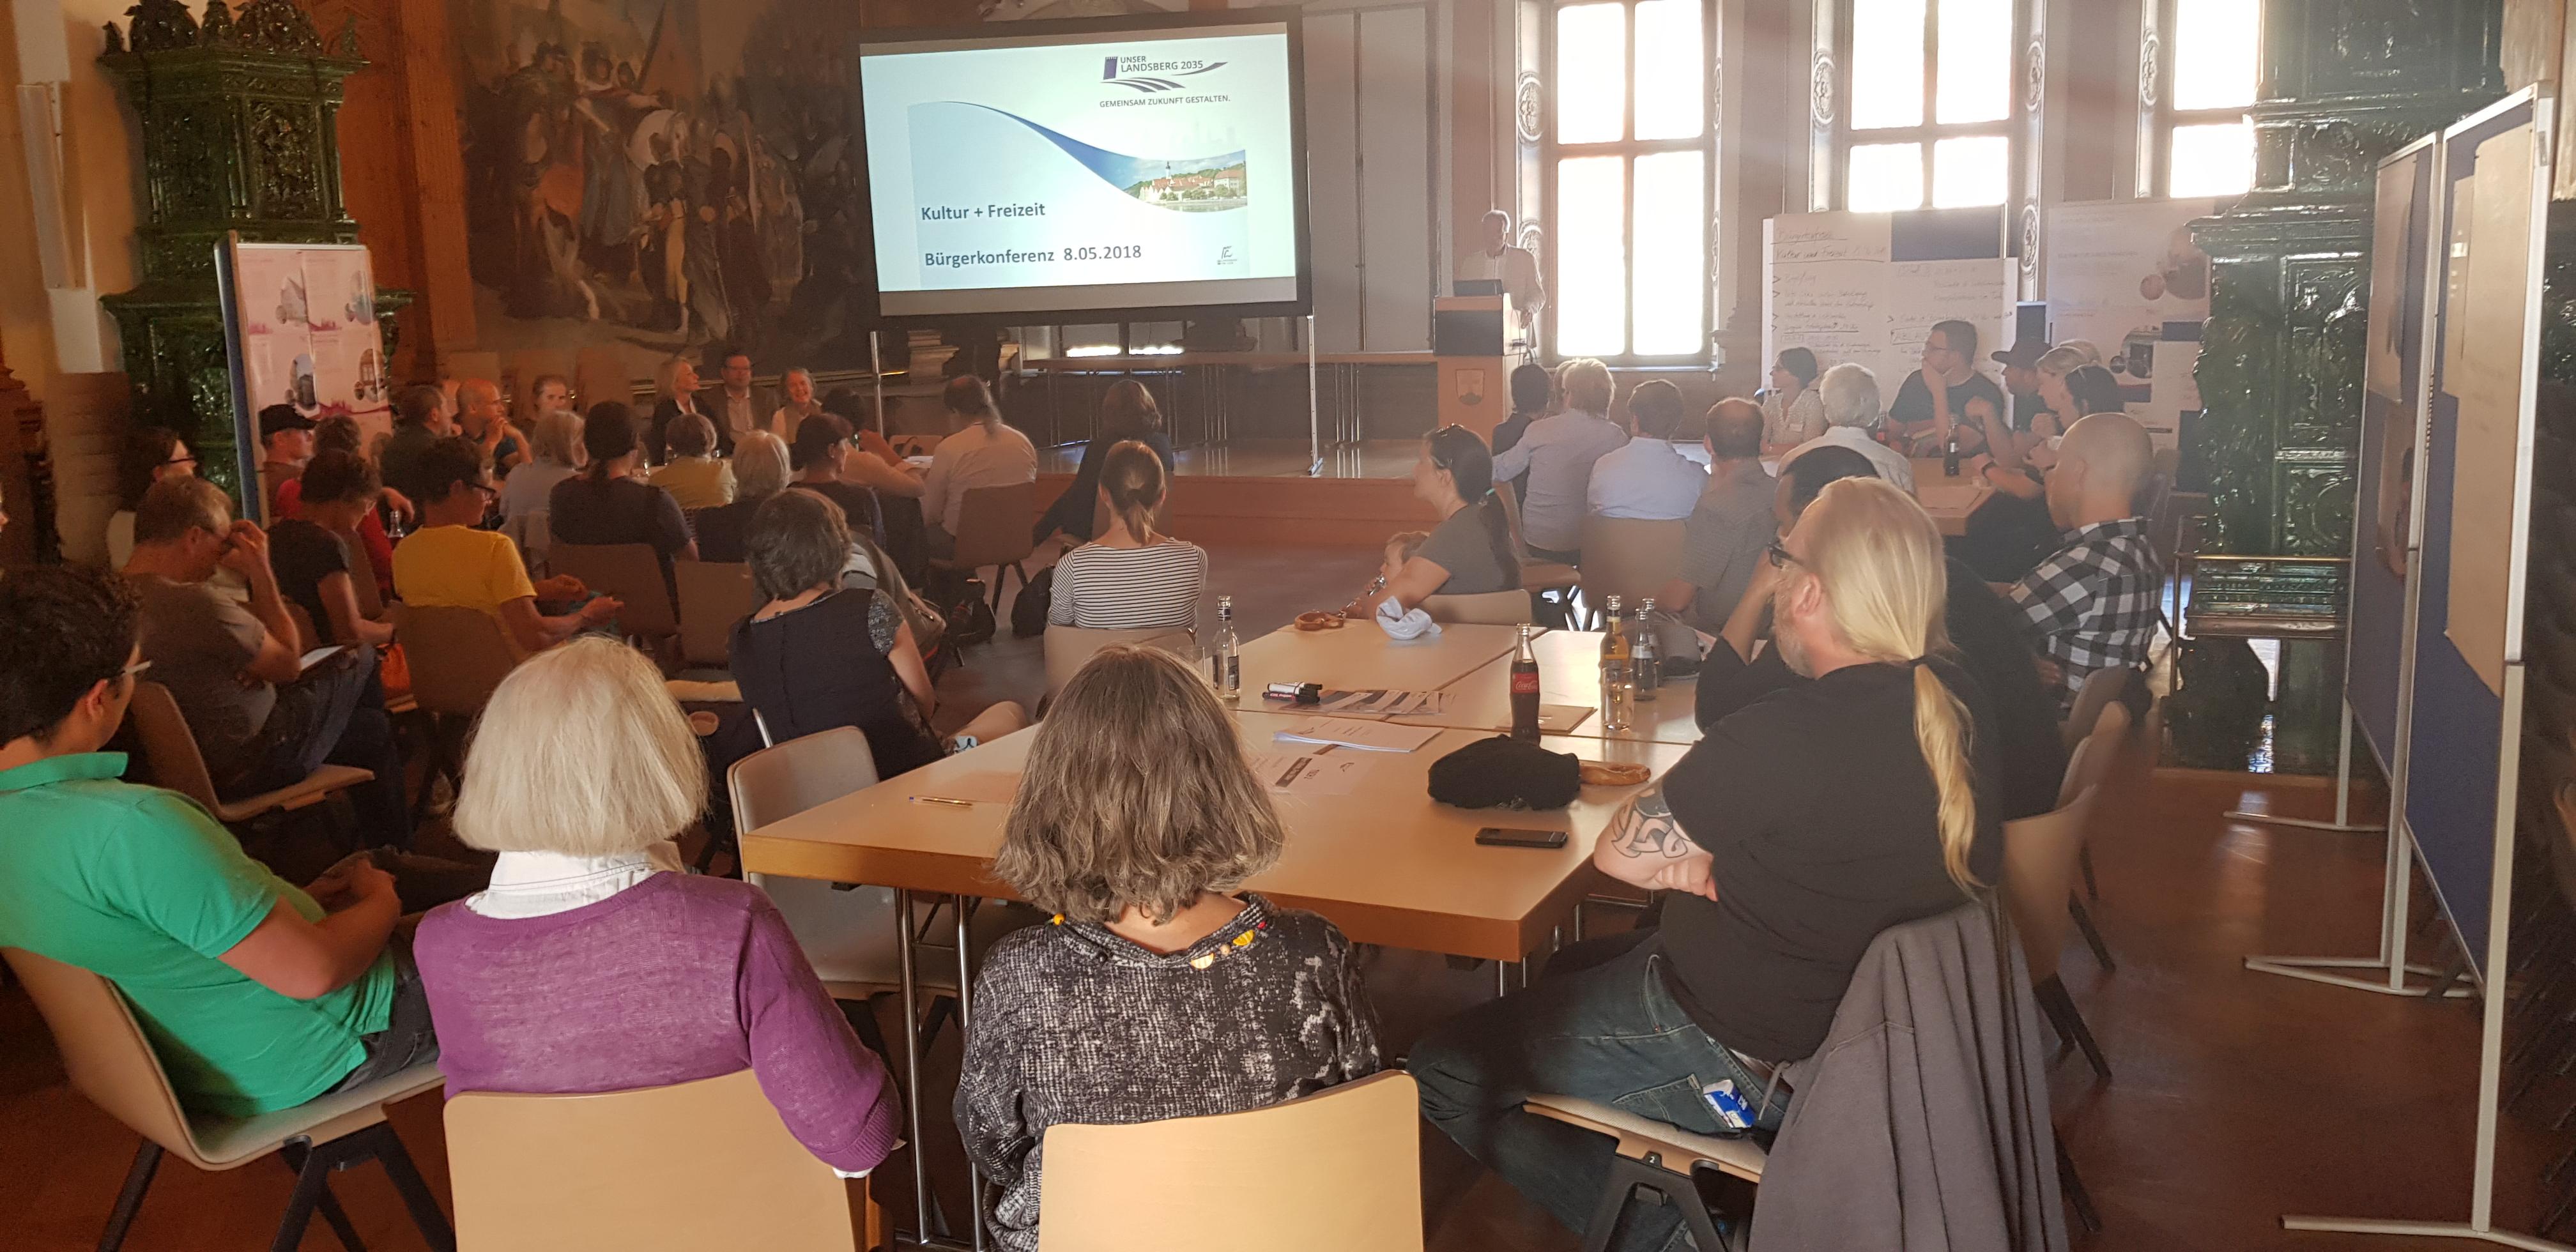 Bürgerkonferenz Kultur + Freizeit